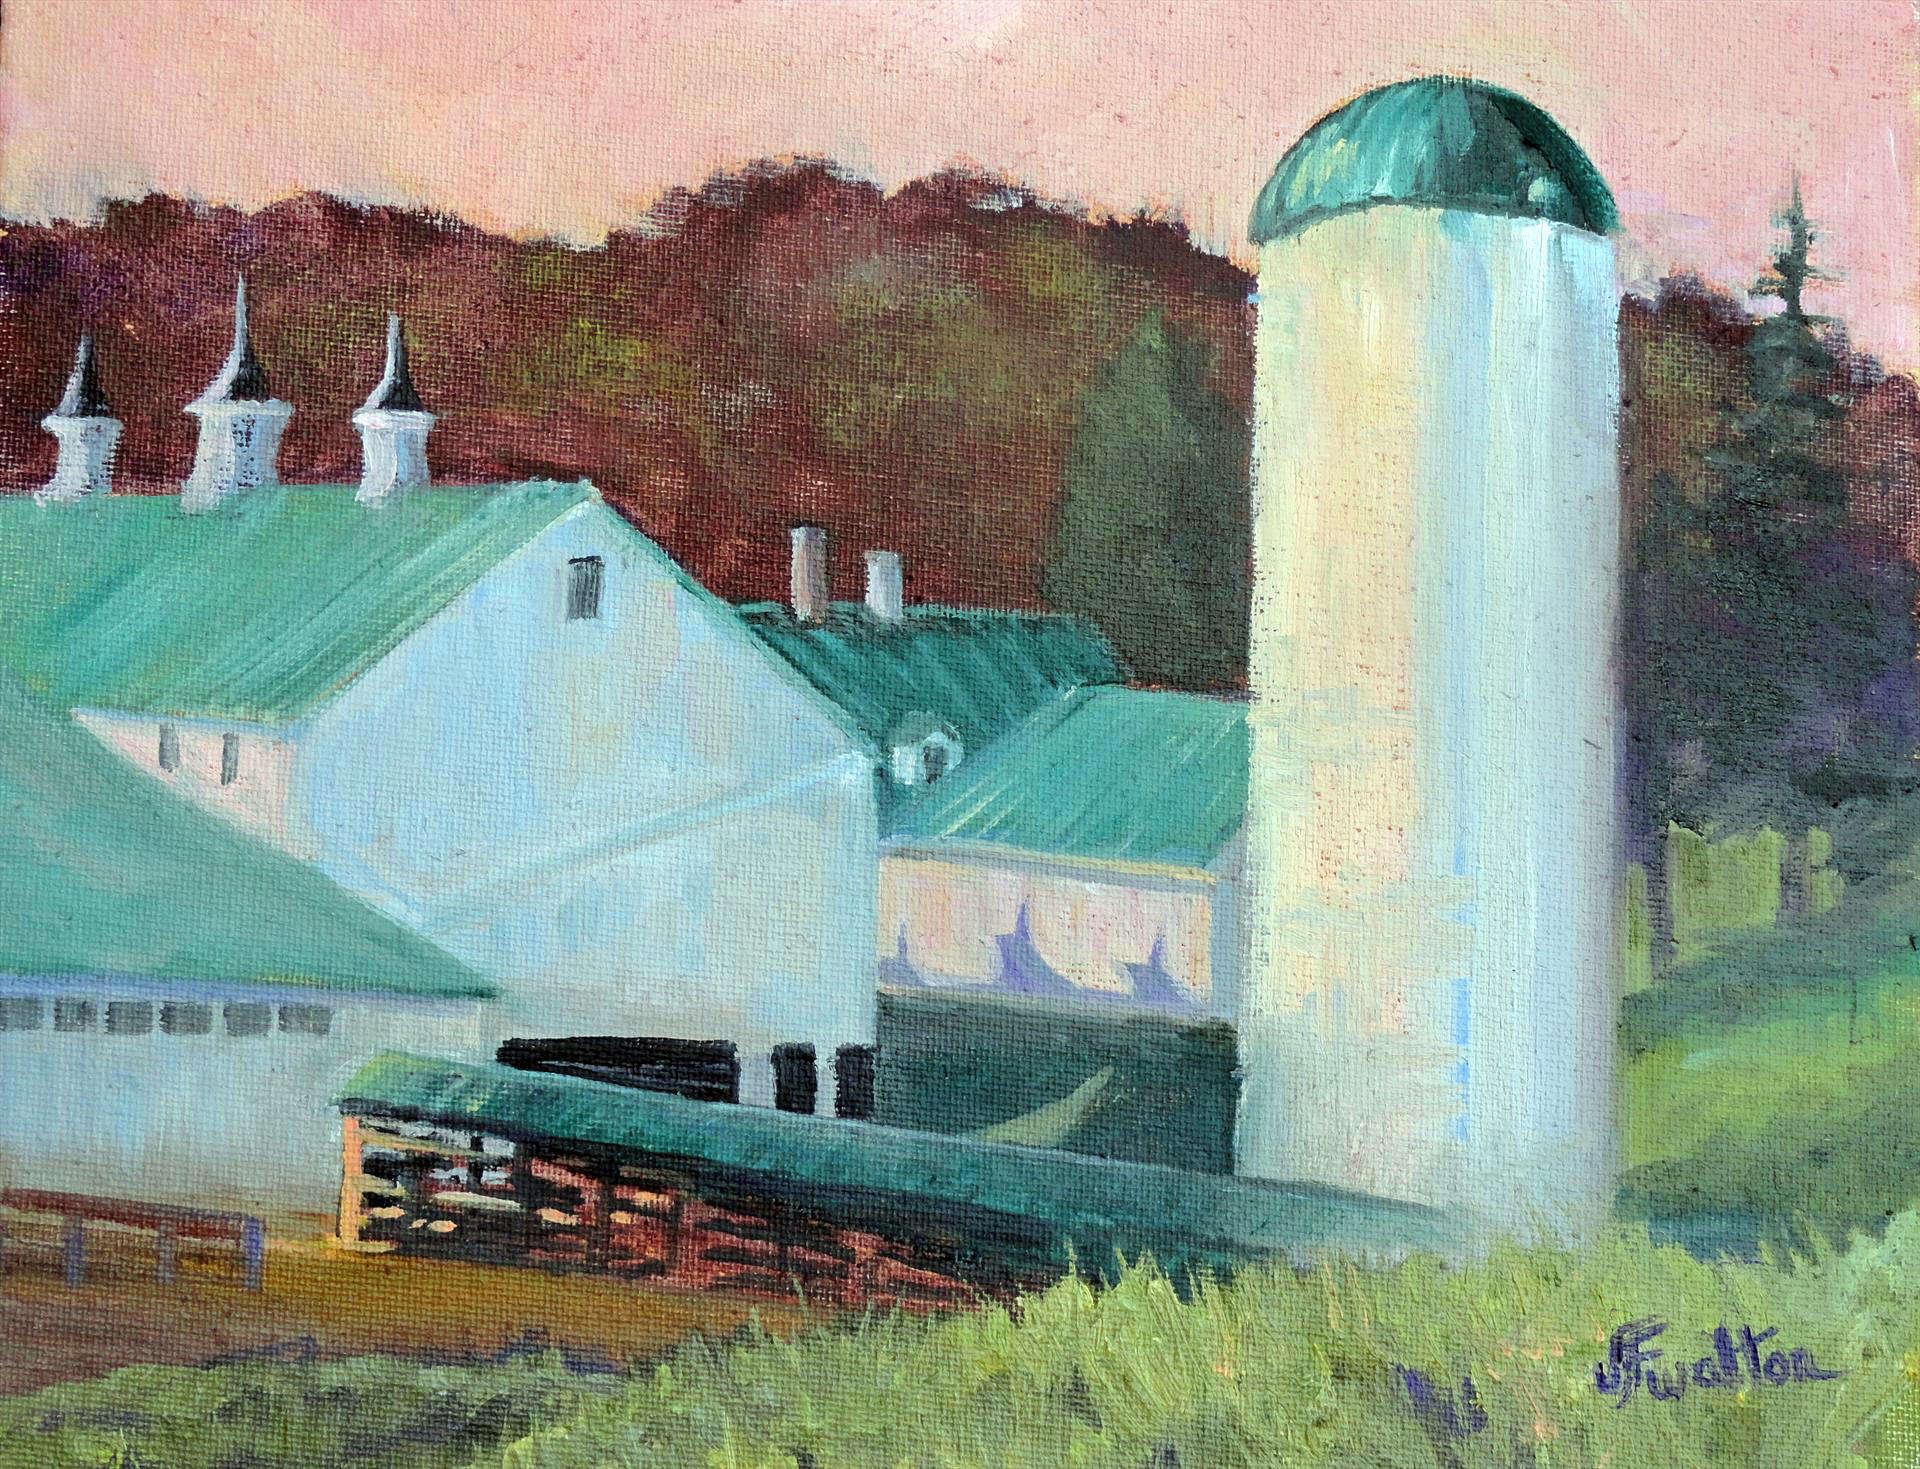 Judy Walton | MALABAR FARM STATE PARK | oil | frame size 10x12